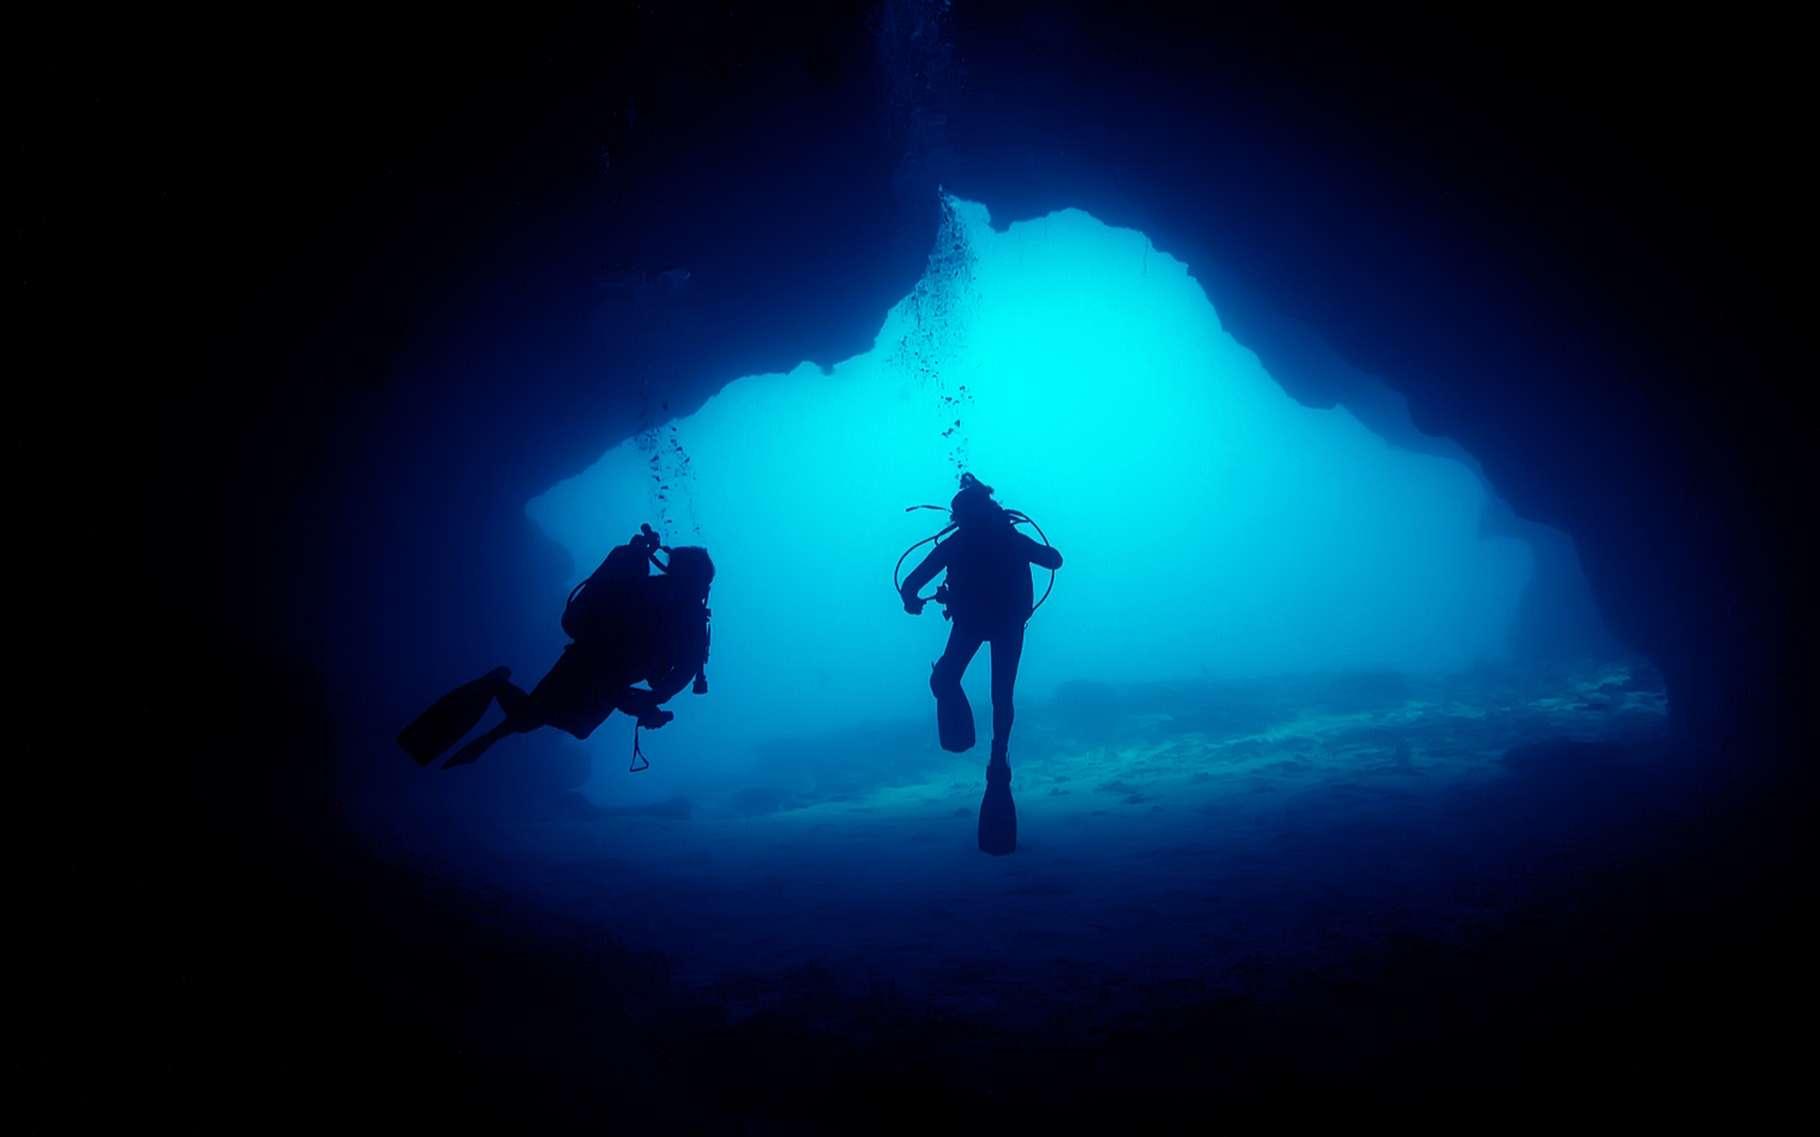 Hranice Abyss détient désormais le titre de grotte submergée la plus profonde du monde. © melissaf84, Shutterstock